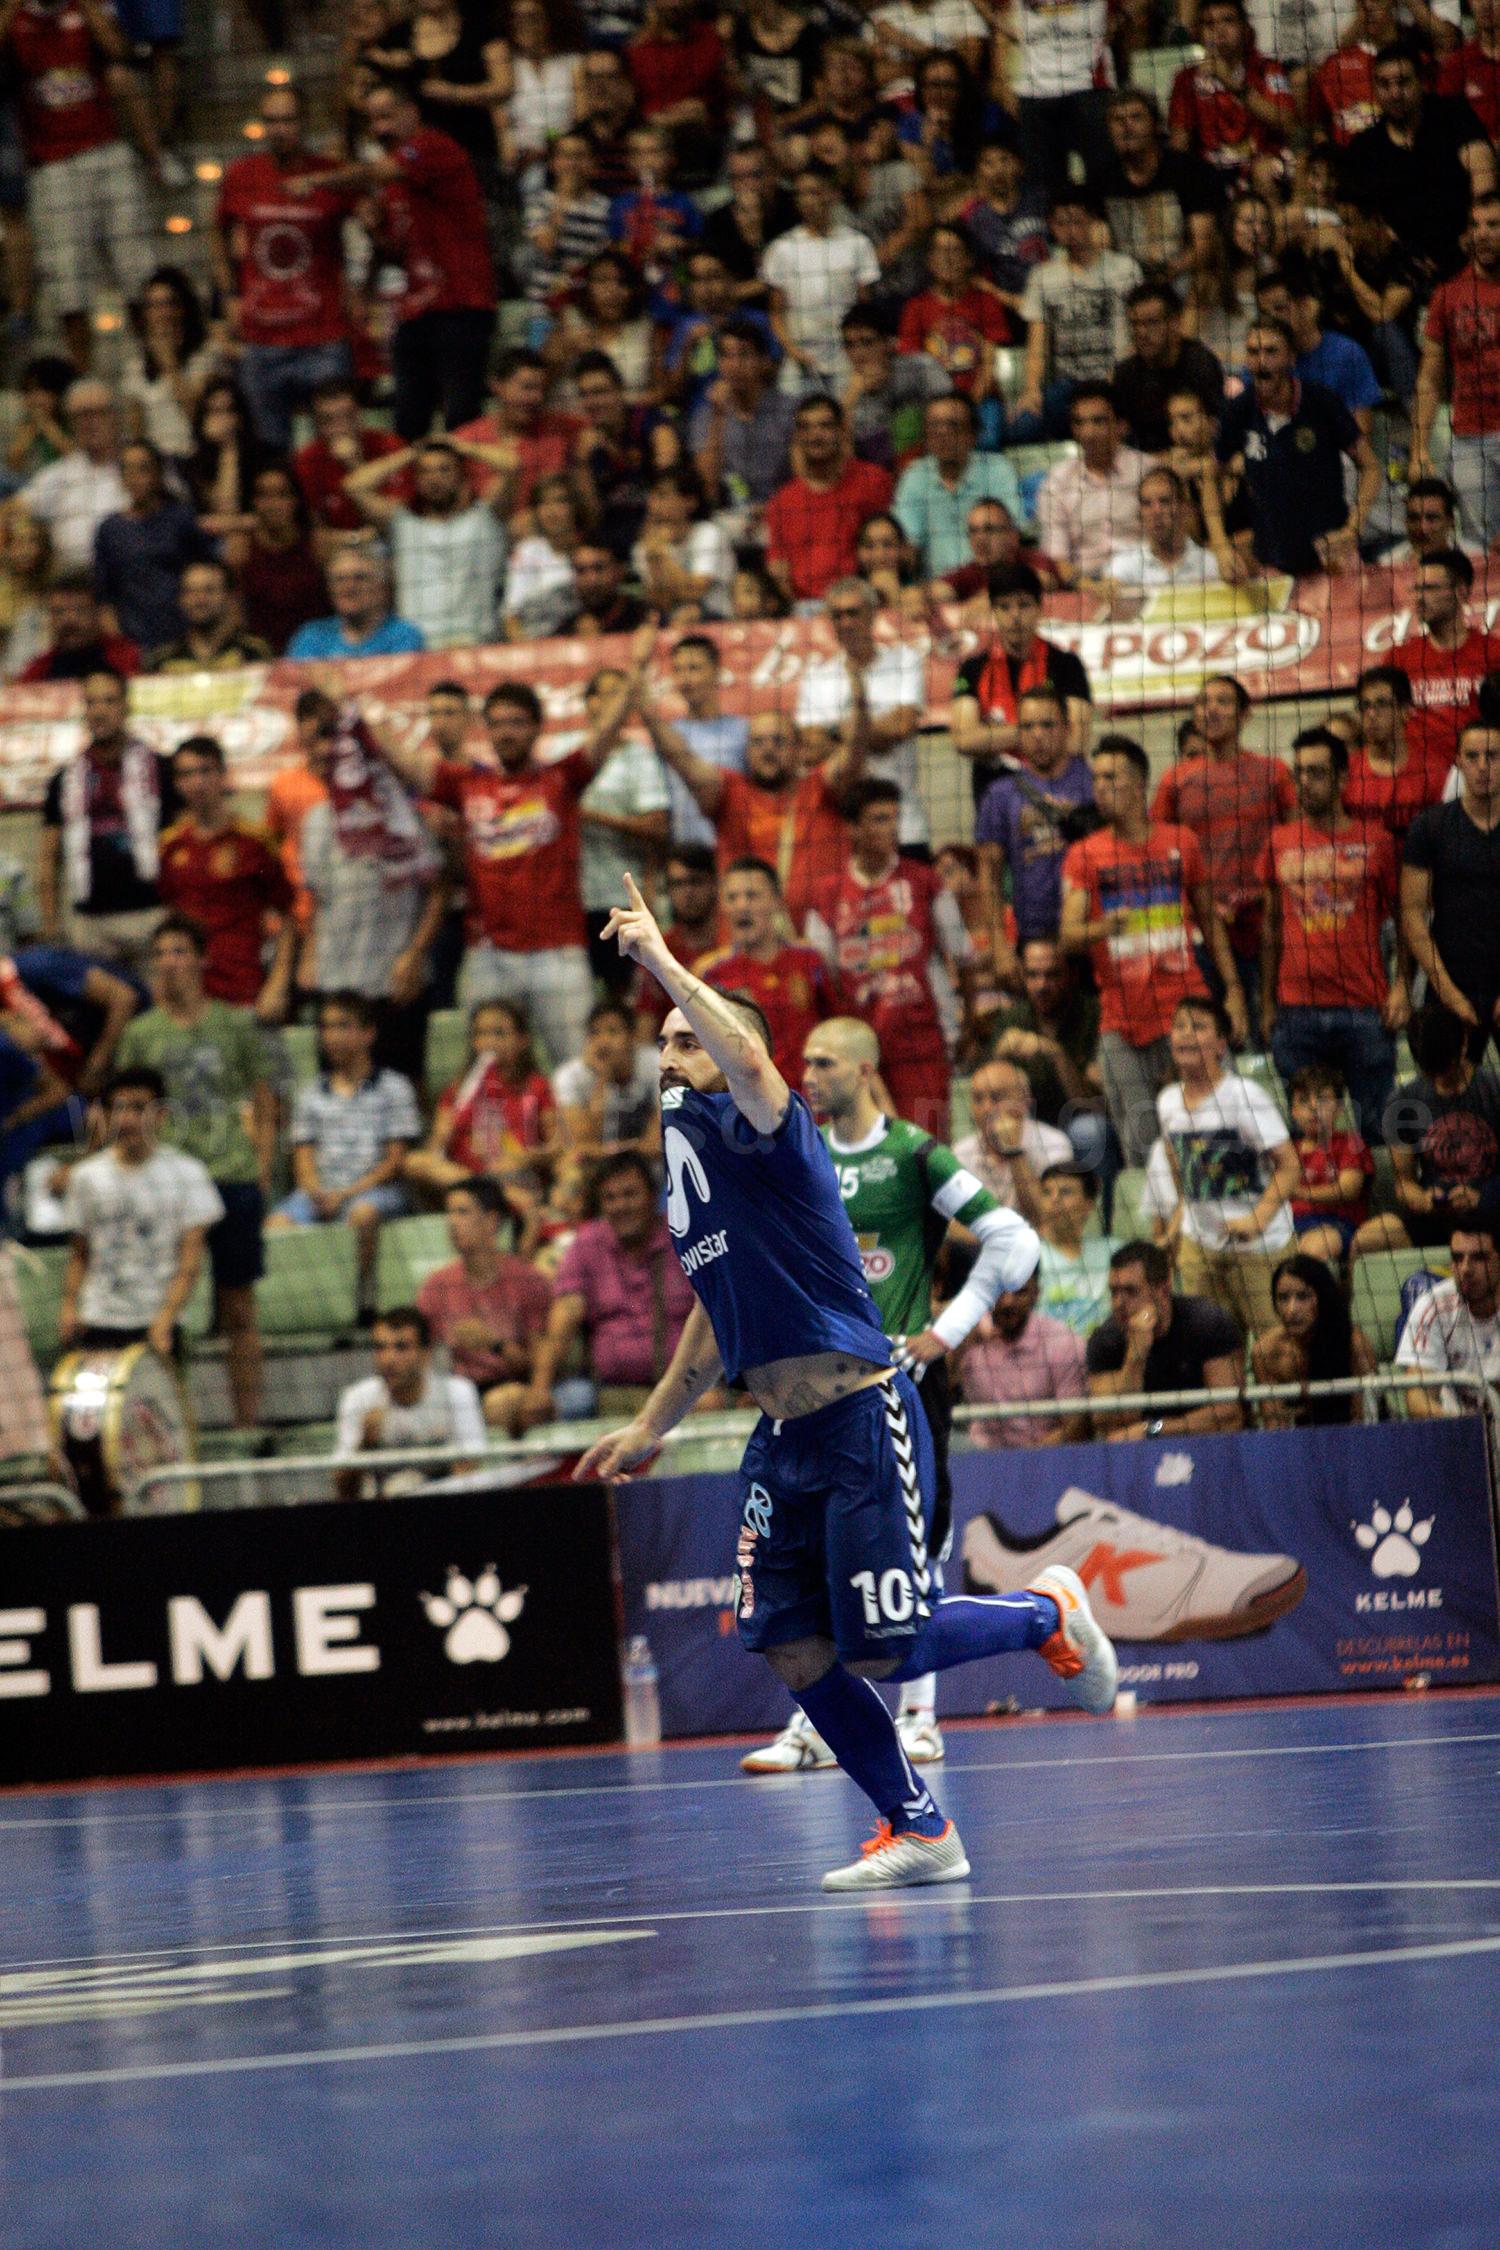 ゴールを決めサポーターの声援に応えるリカルジーニョ